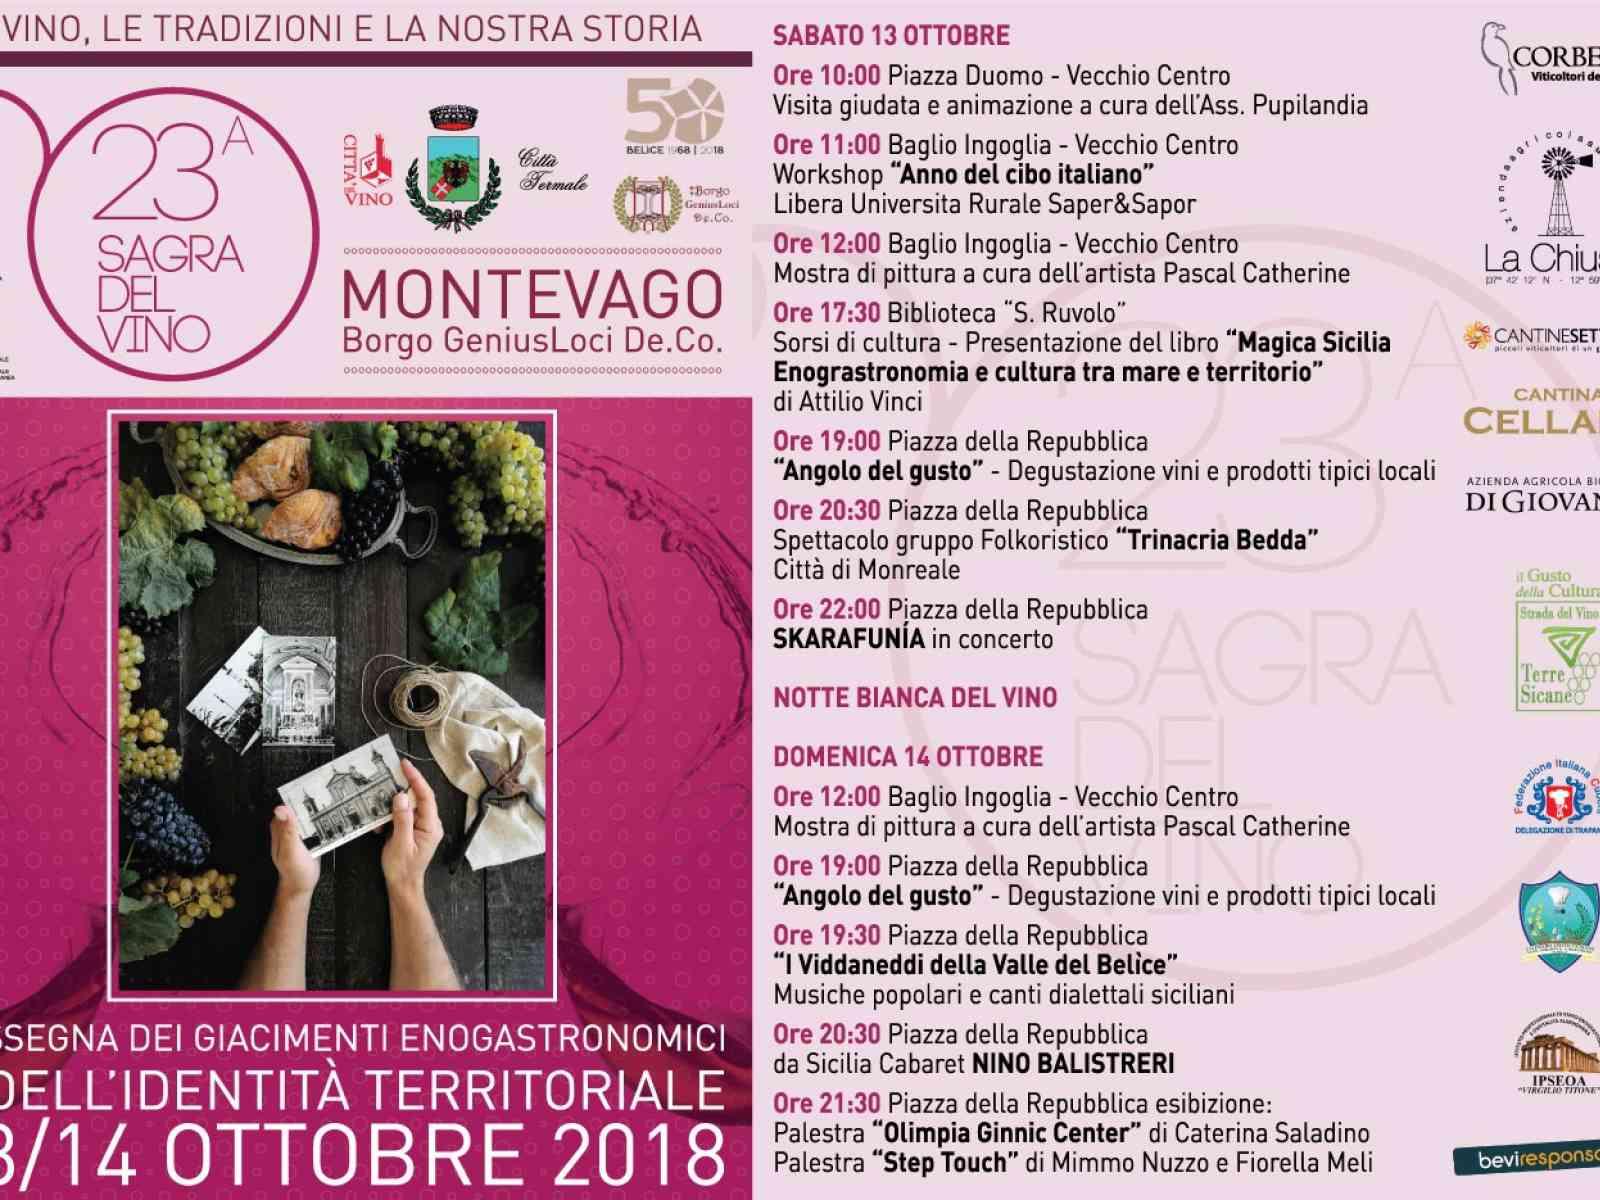 Immagine articolo: Tutto pronto per la 23^ edizione della Sagra del Vino di Montevago. Due giorni di degustazioni di vini e prodotti, workshop e spettacoli